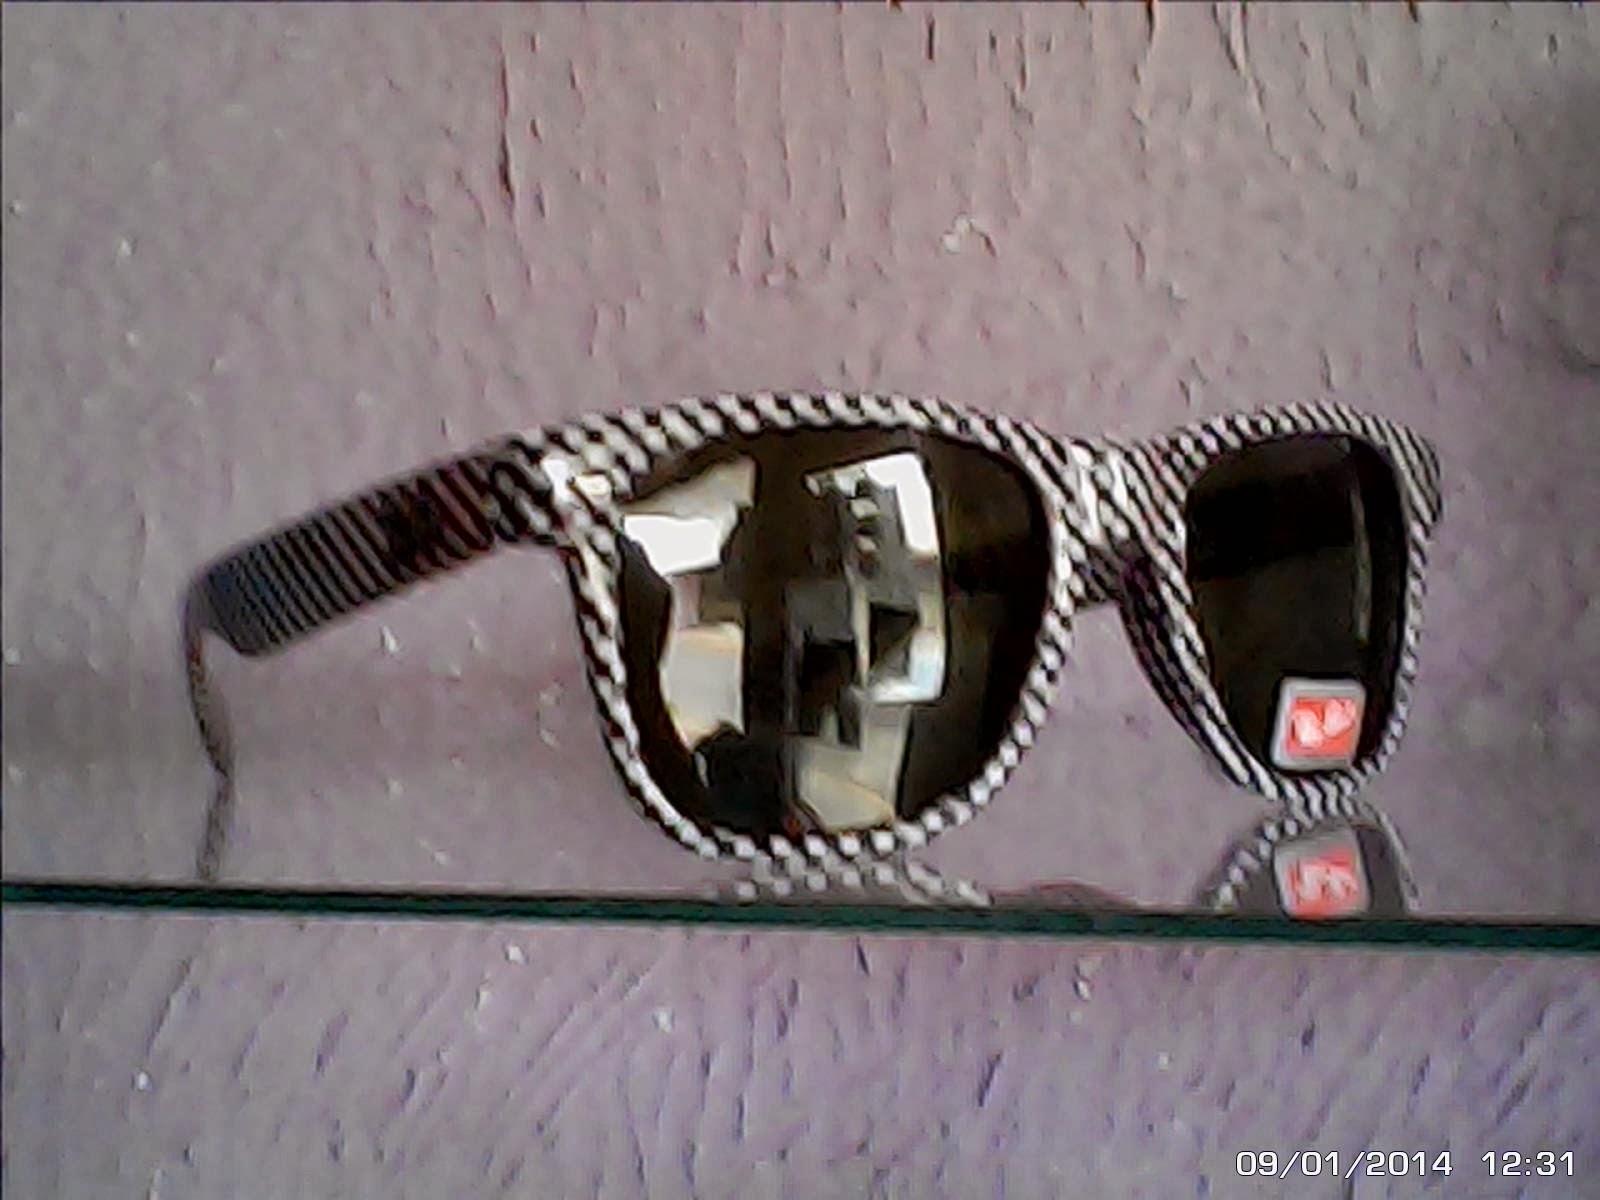 Rick S Imports Oculos Mc Gui 'não pensei em atacar ou fazer bullying'. rick s imports oculos mc gui